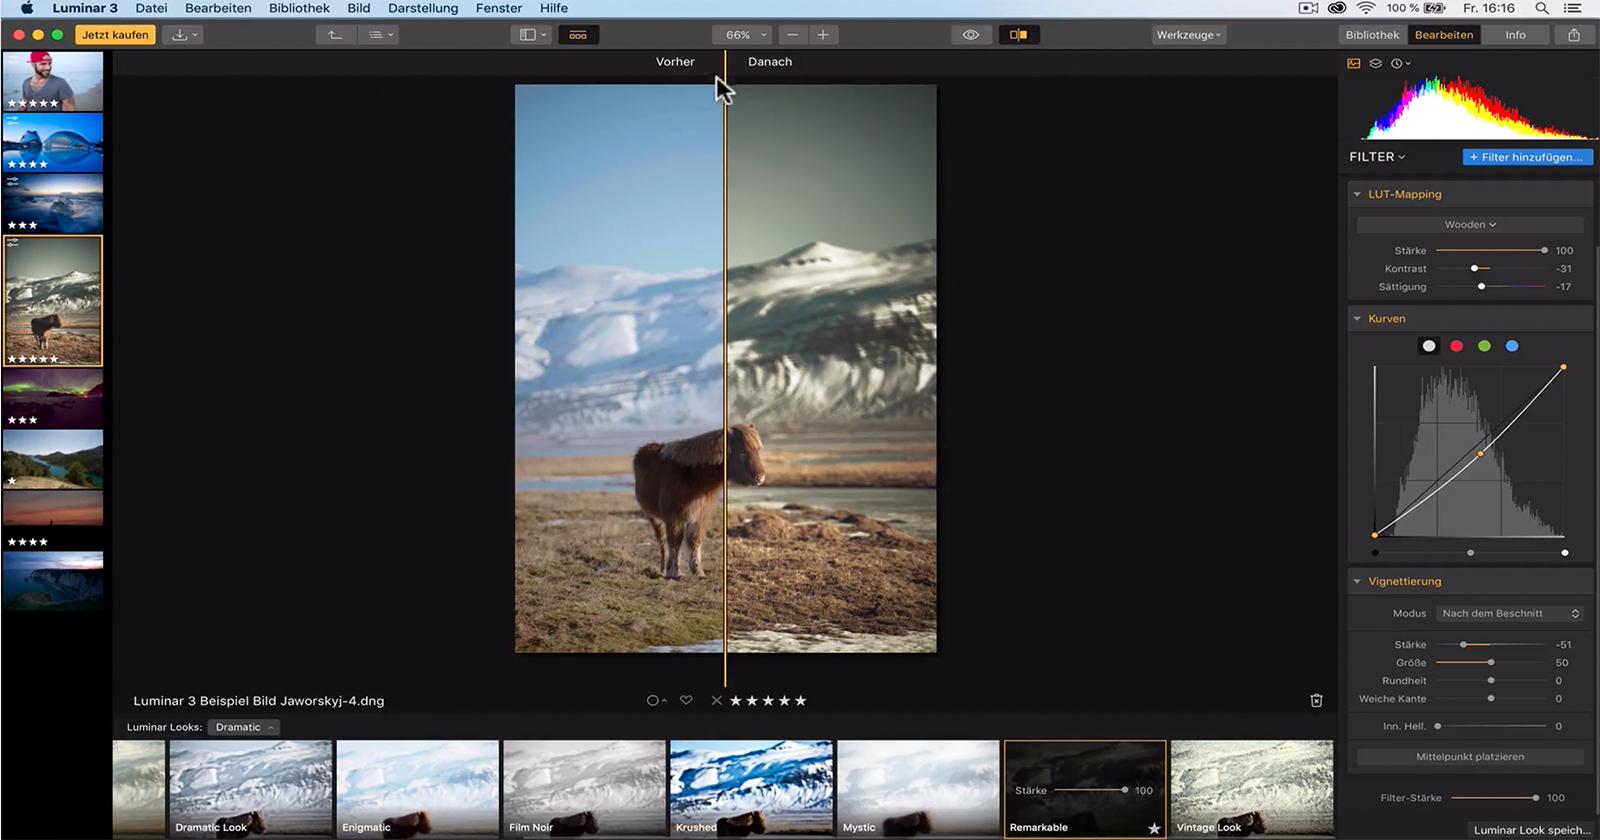 Grundlagen Bildbearbeitung Luminar 3 Kurs fuer Anfaenger